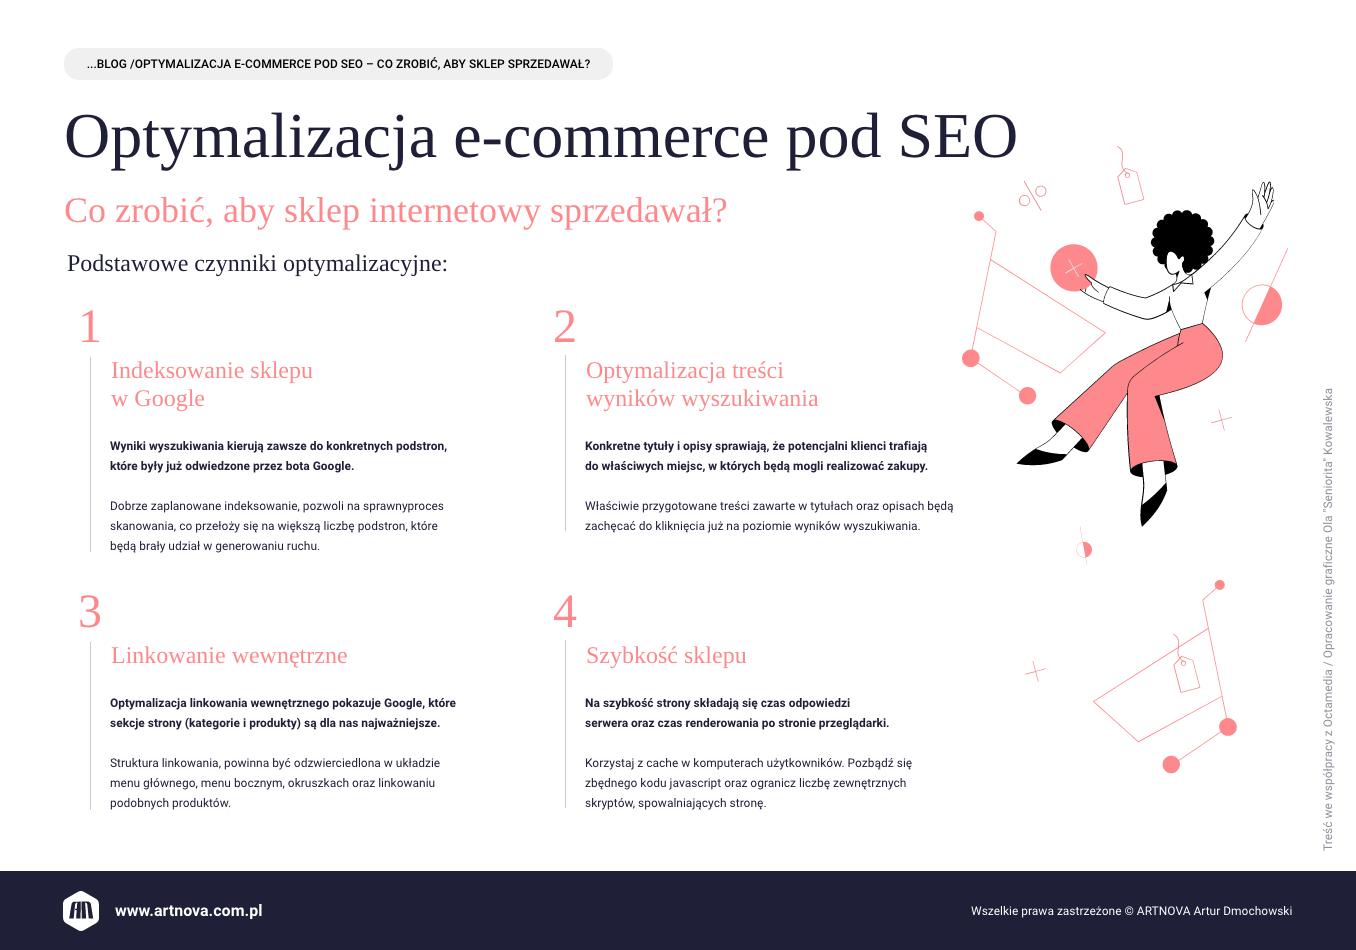 infografika: Optymalizacja e-commerce pod SEO - co zrobić, aby sklep sprzedawał